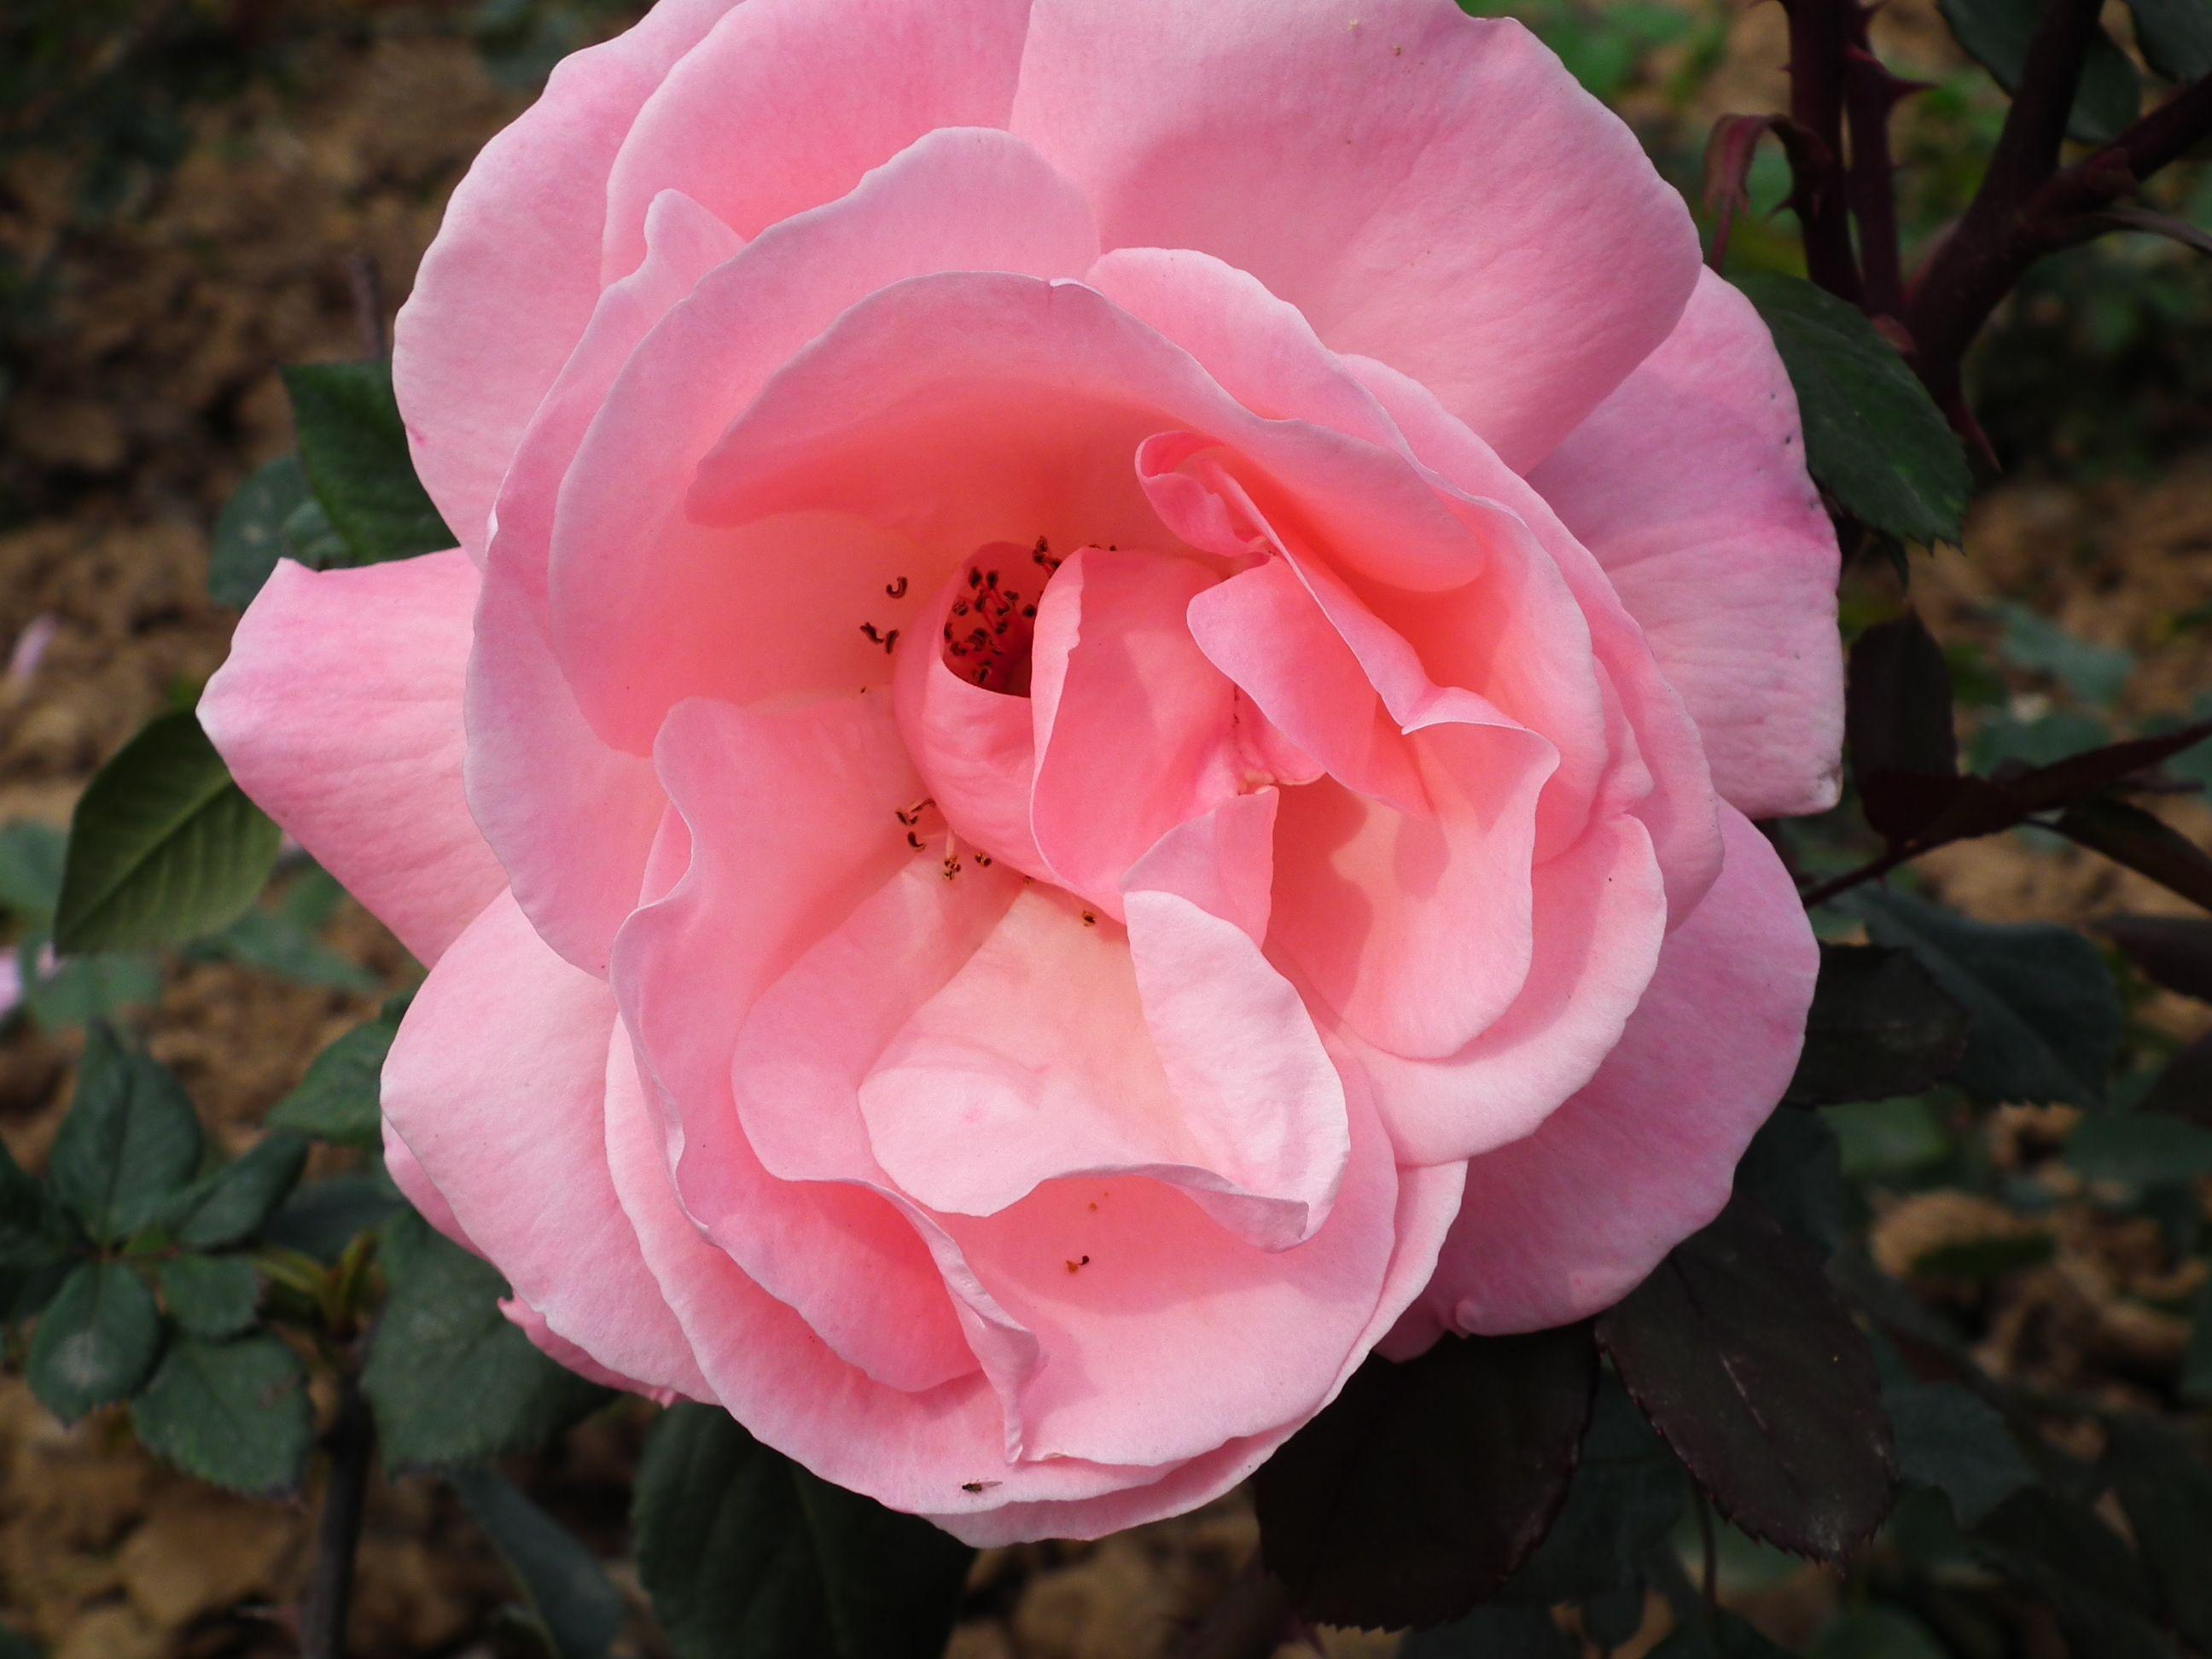 Pink rose rose flower Garden roses Pink rose flower Pink Roses